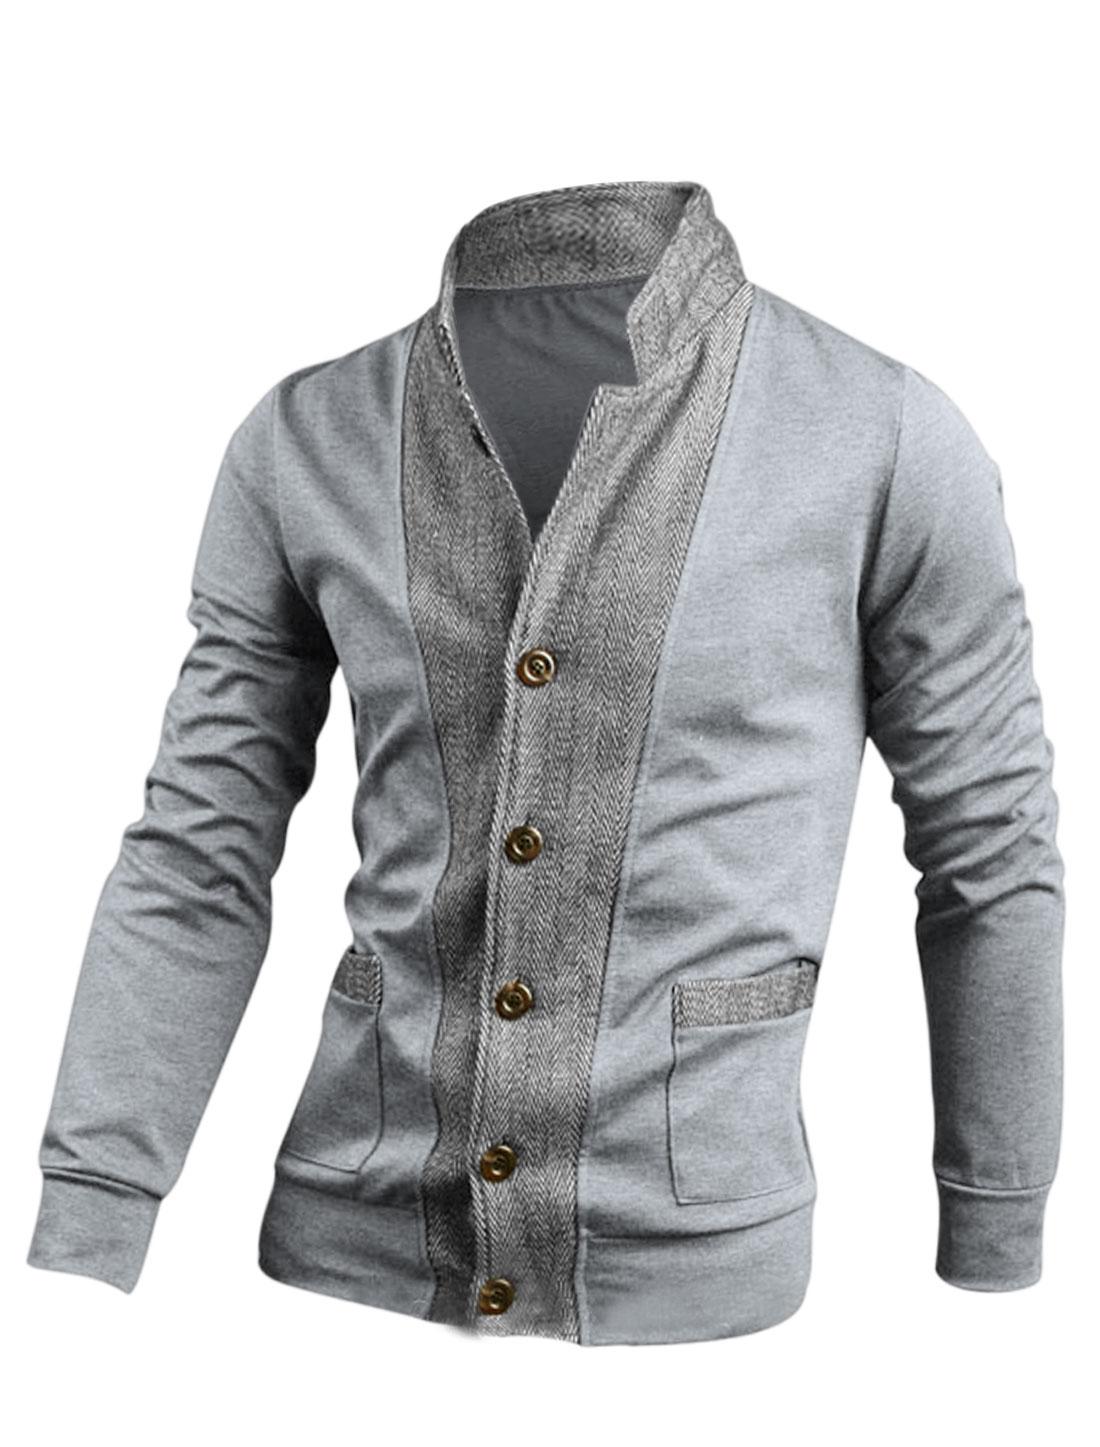 Men Light Gray Button Down Color Block Slim Fit Casaul Jacket M